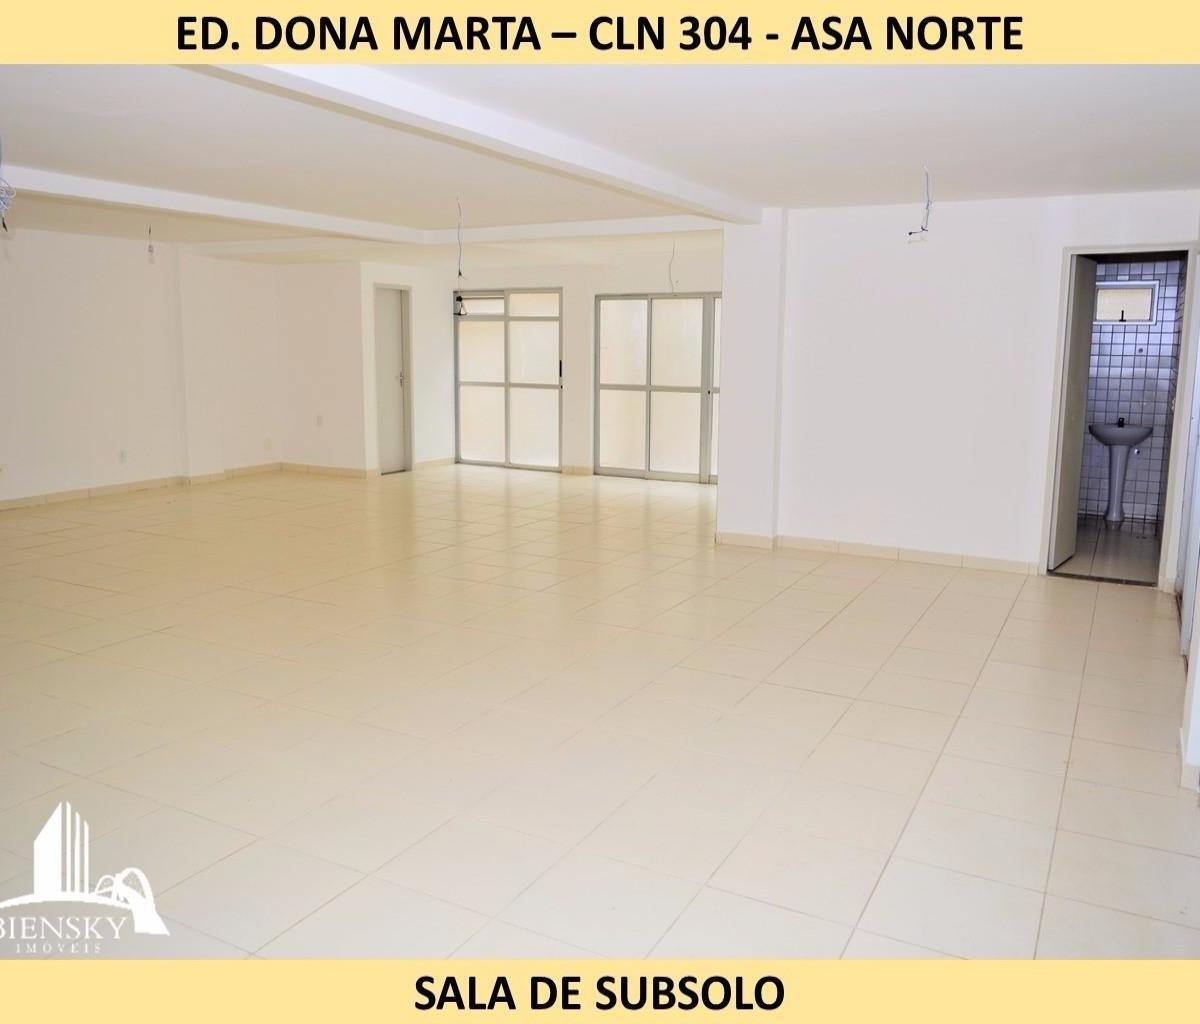 Imagens de #8D743E Comercial para aluguel com 0 Asa Norte Brasília R$ 3.128 ID  1200x1024 px 3560 Blindex Banheiro Asa Norte